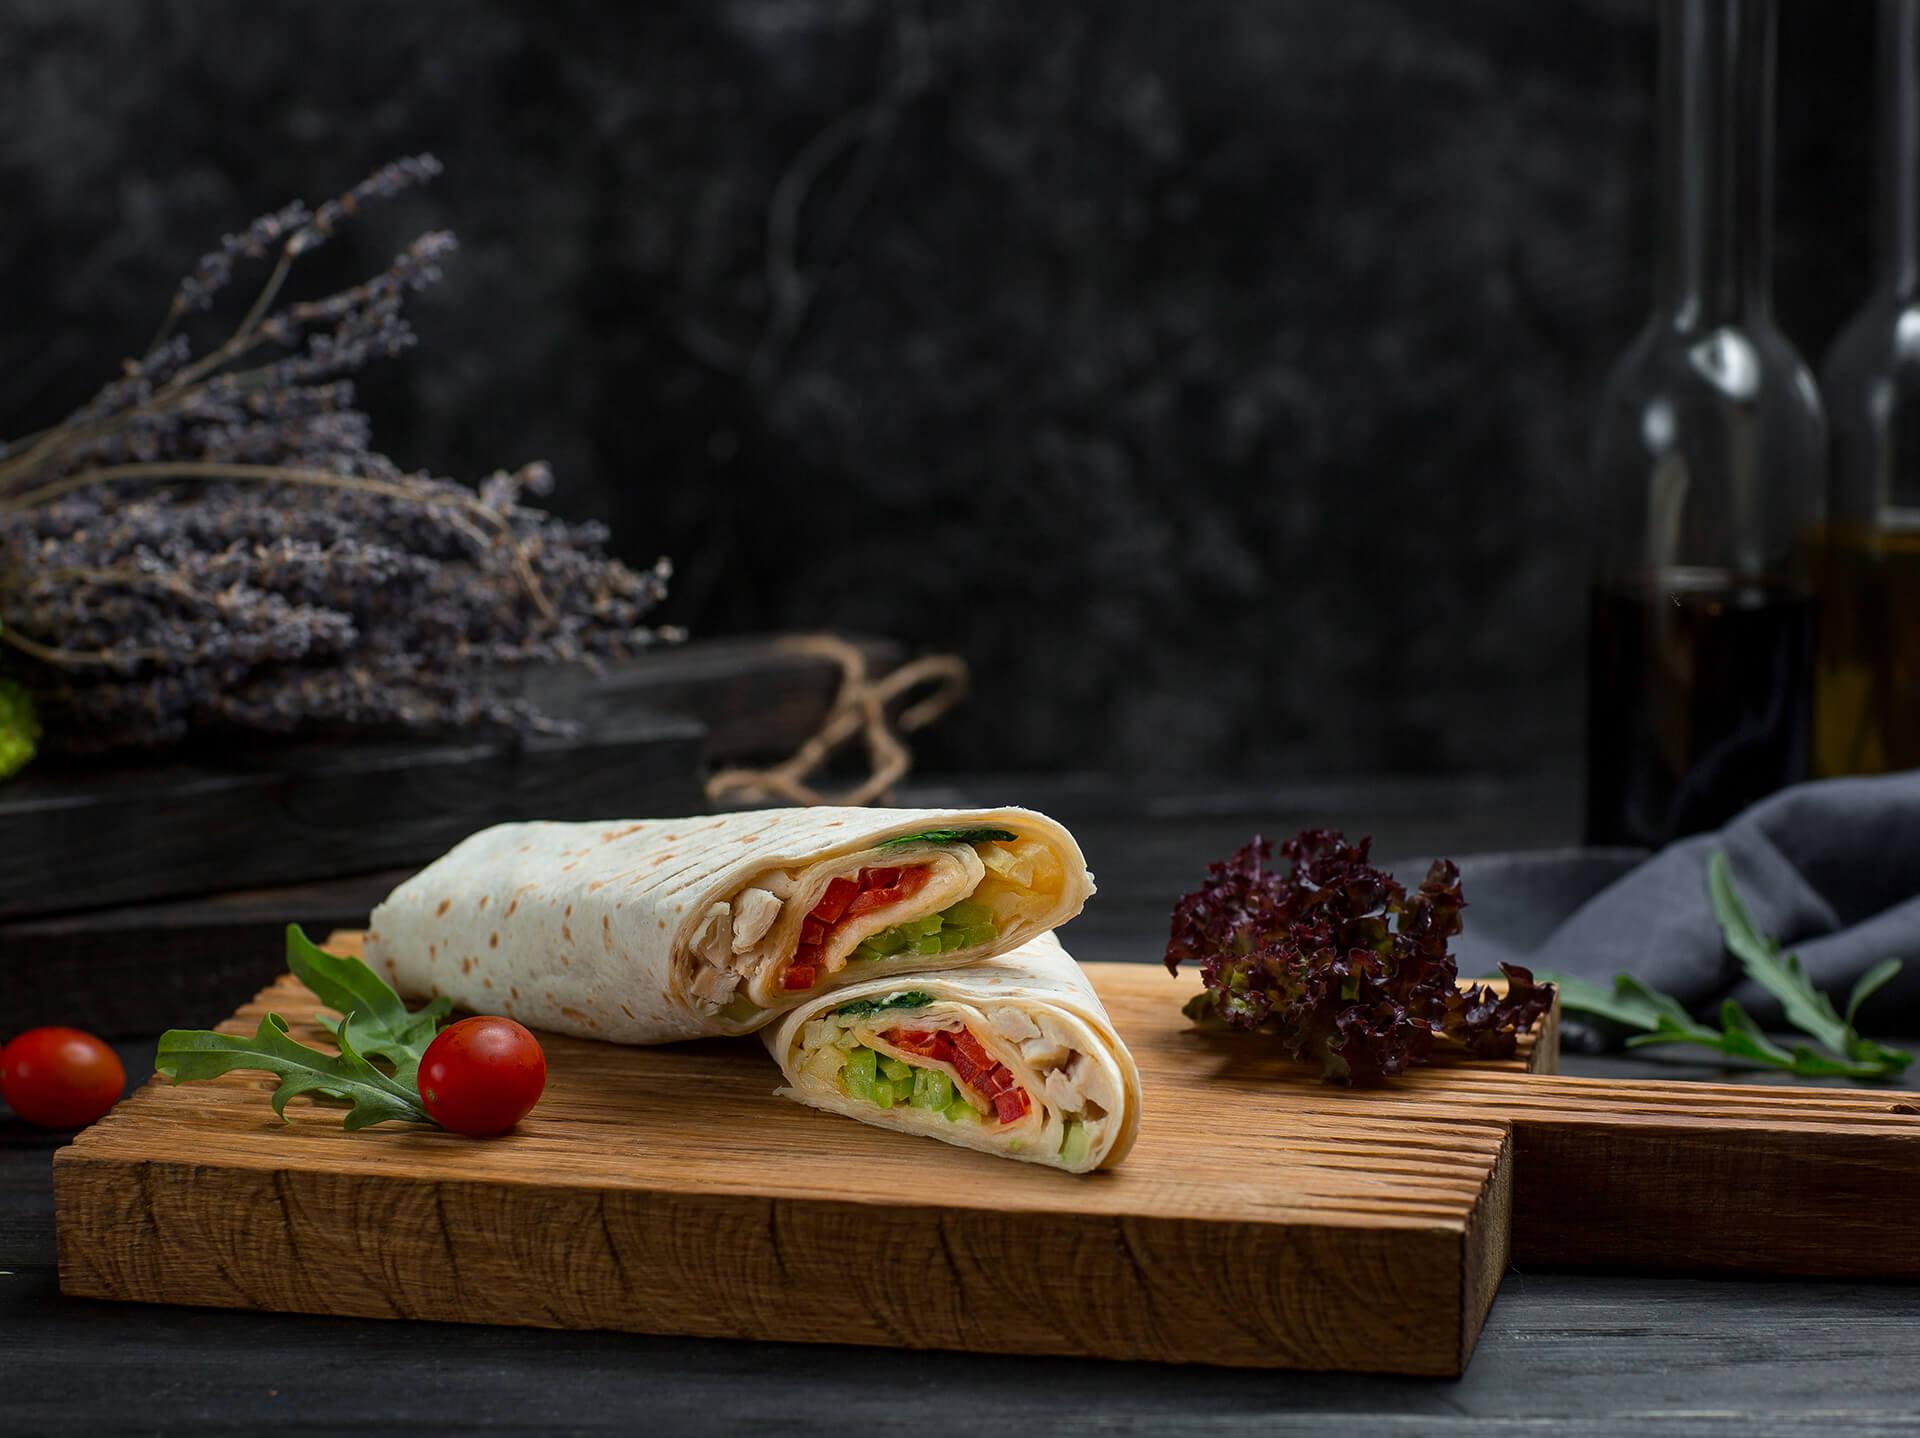 Wraps lunch boelaars raamsdonksveer geertruidenberg